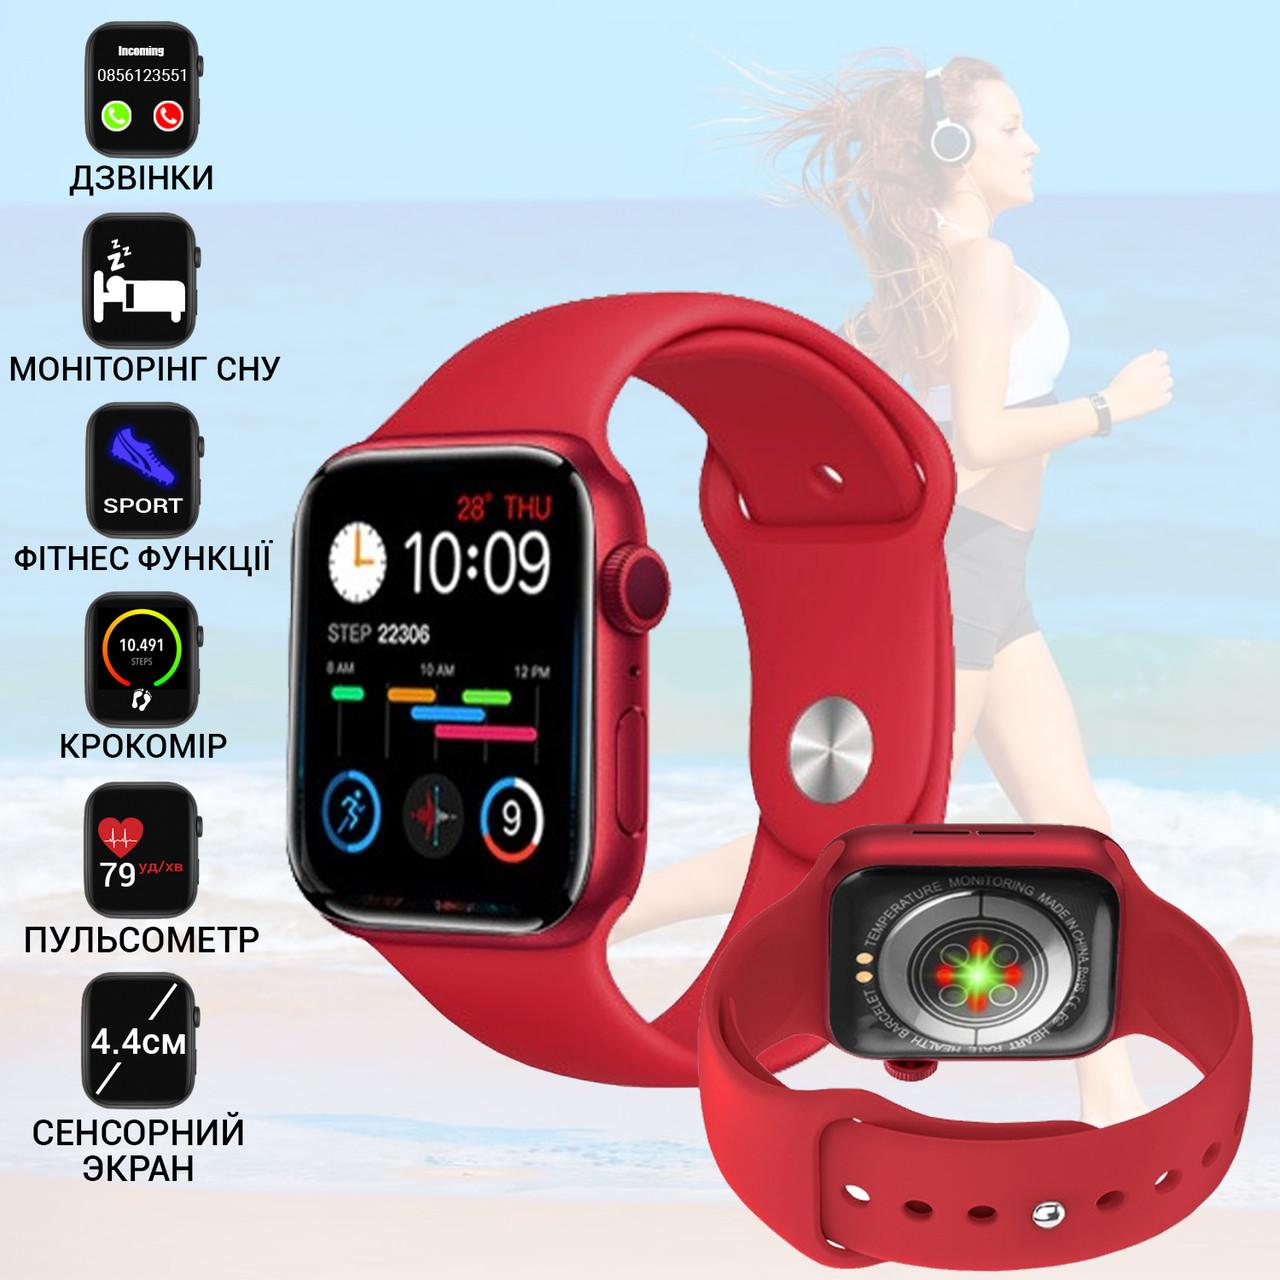 Розумні смарт годинник Smart Watch M16-6S PLUS, 4.4 см-Голосовий дзвінок, фітнес функції, алюмінієвий корпус Red